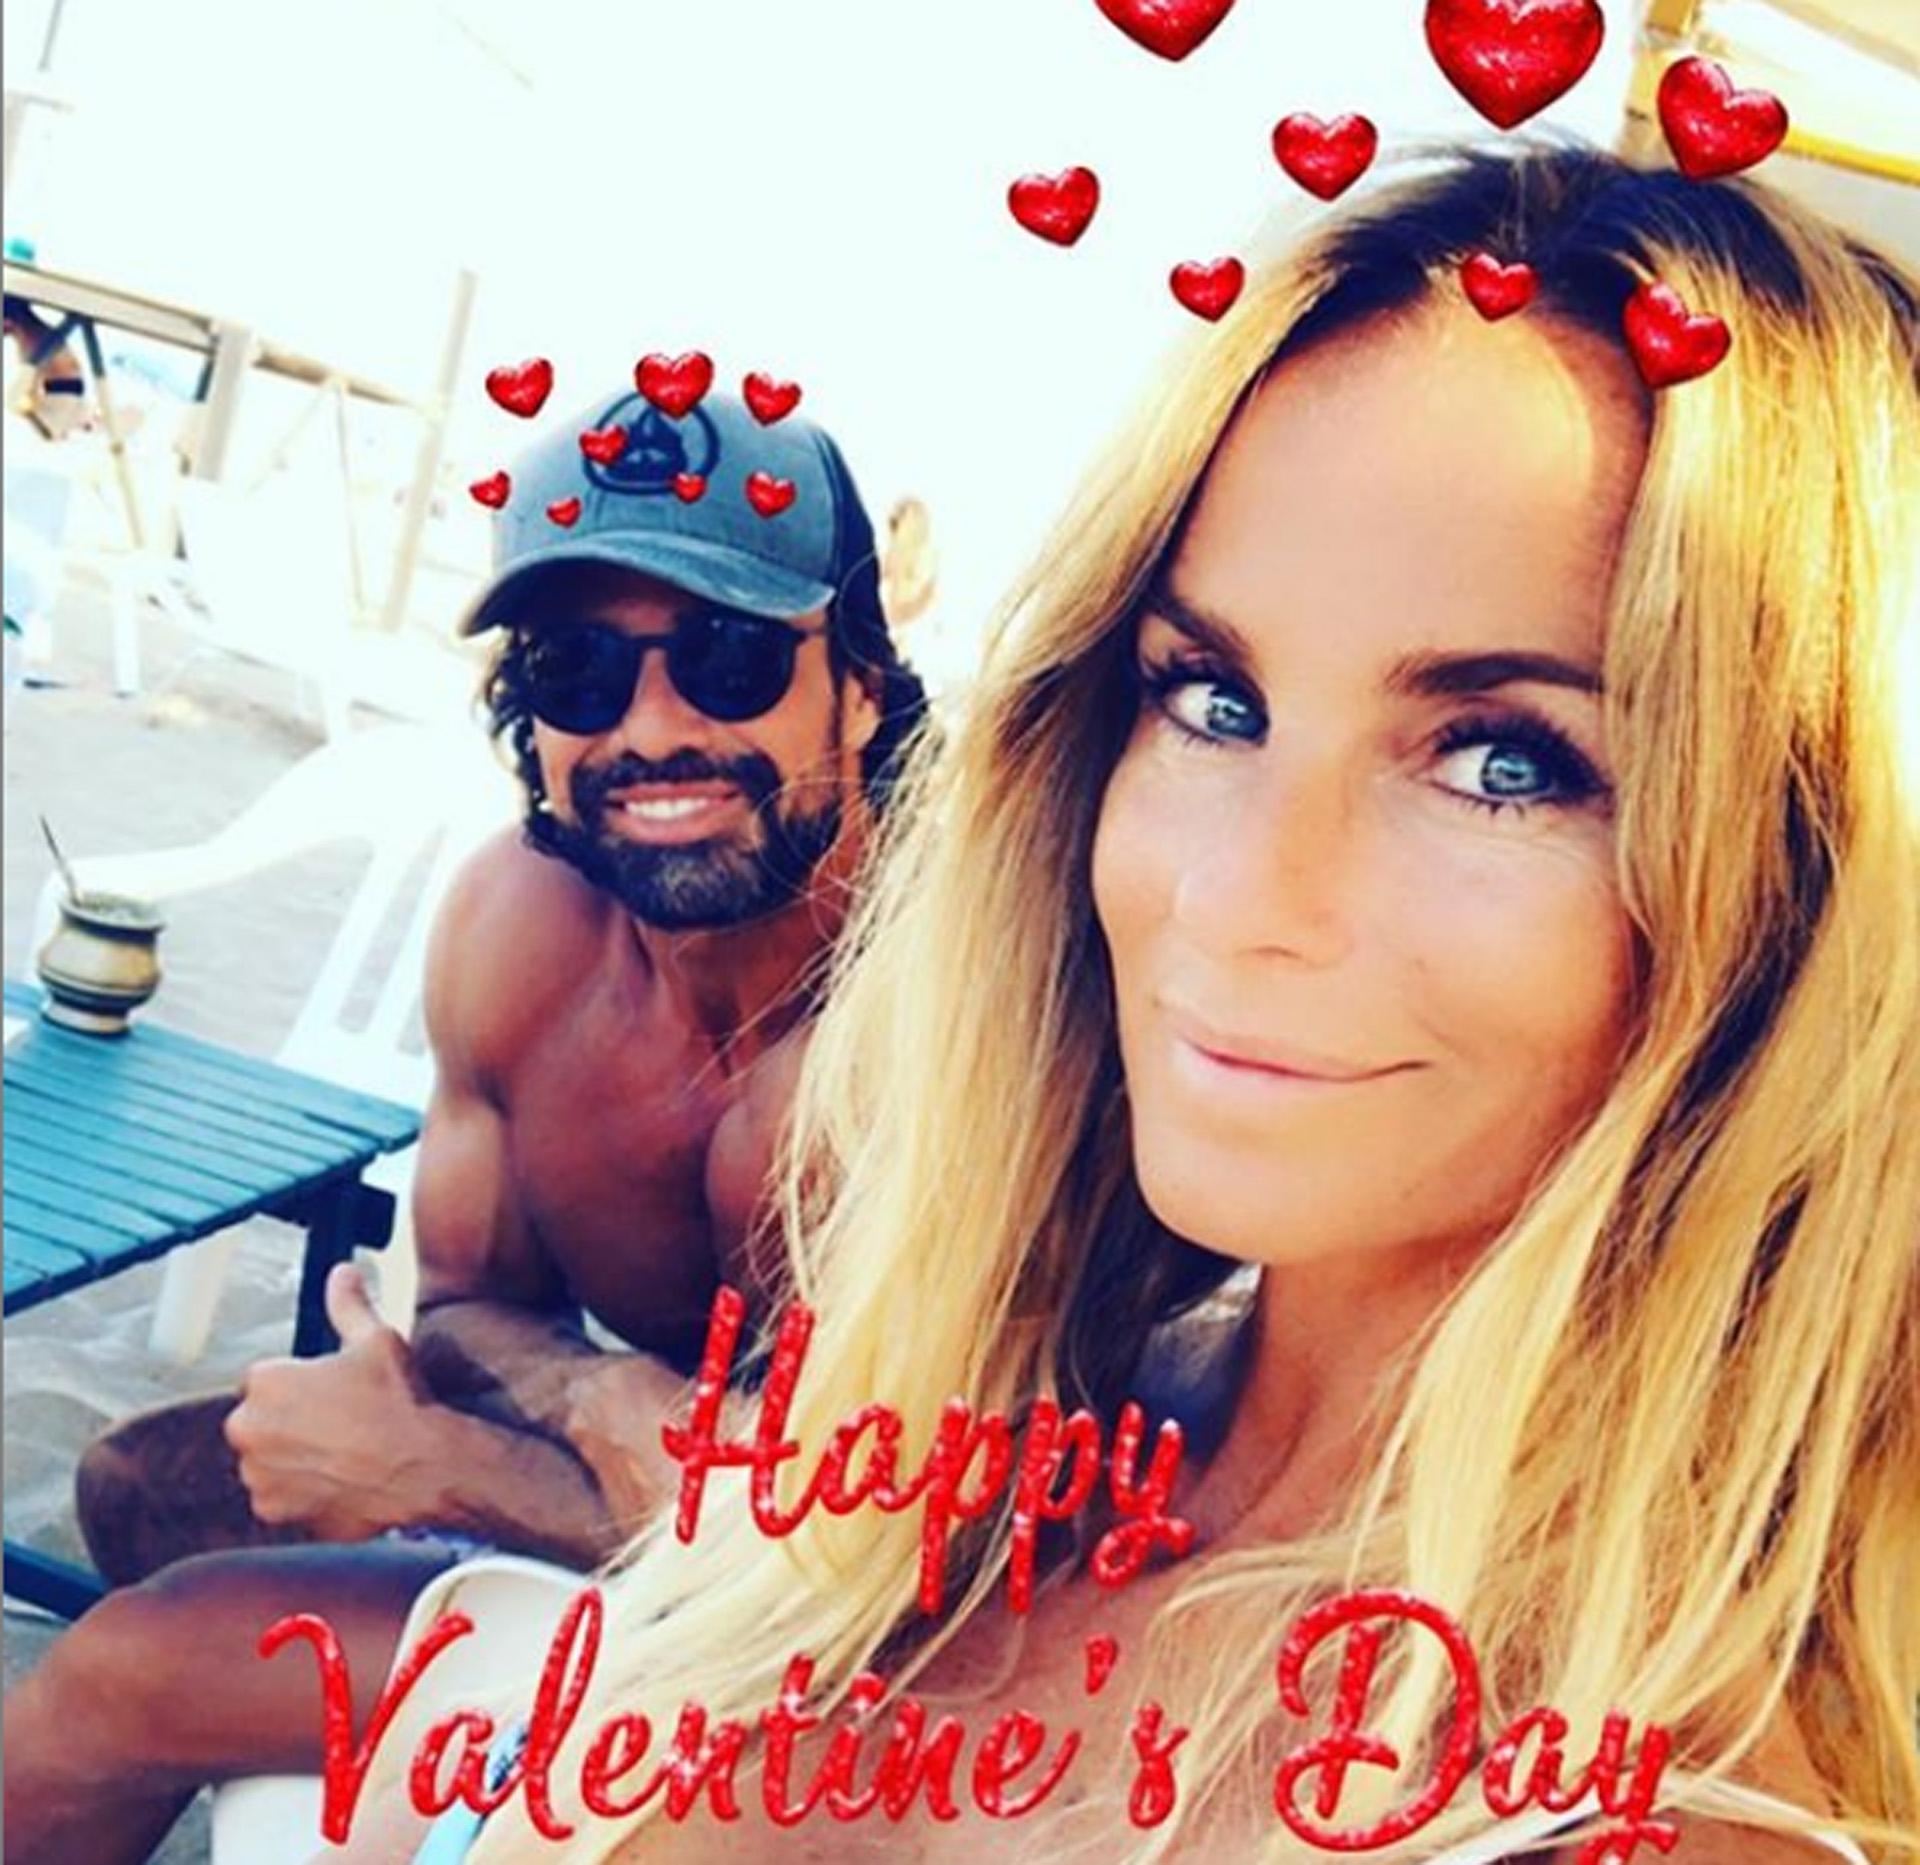 Luego de una separación, Sabrina Rojas y Luciano Castro confirmaron su reconciliación. La pareja celebró San Valentín y lo compartieron en las redes (Instagram)